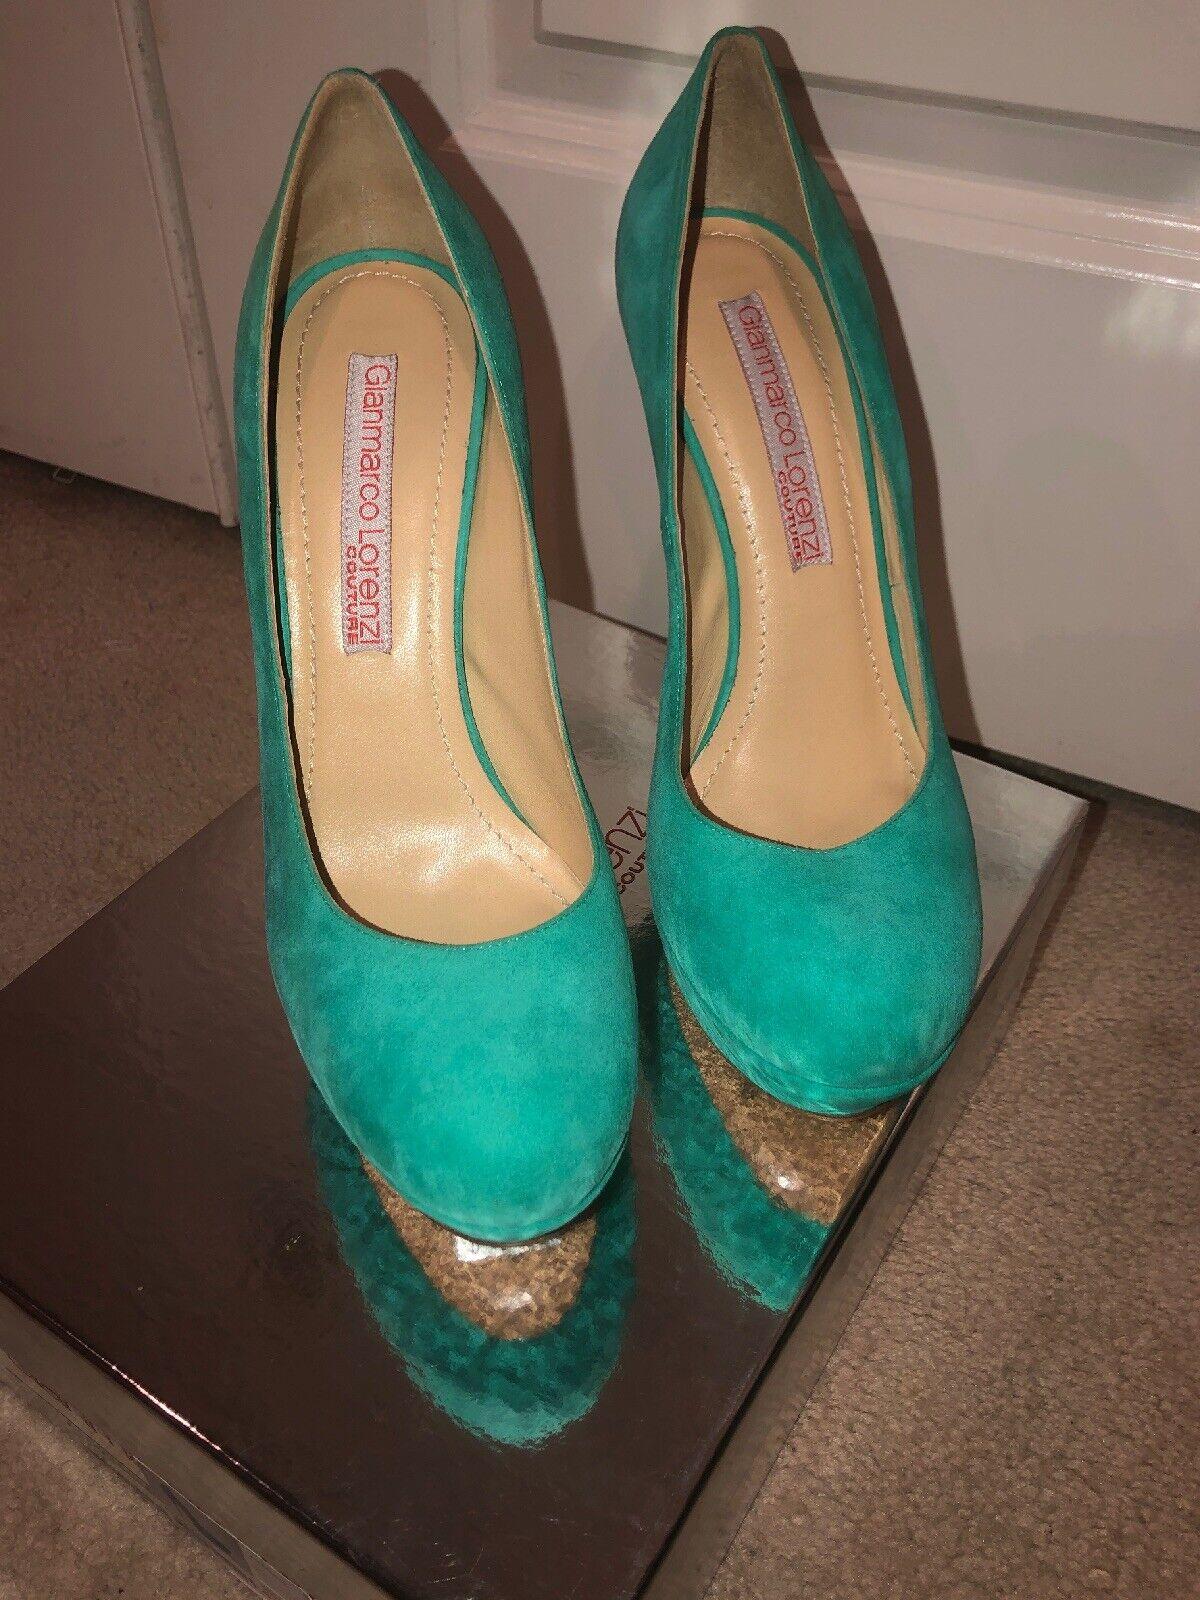 Bombas de GIANMARCO LORENZI Cuero verde-Talla 41-Couture Collection Nuevo Nuevo Nuevo Y En Caja  el más barato